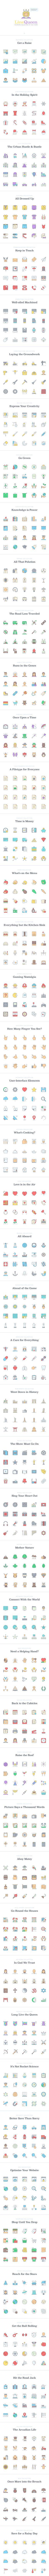 LineQueen Icons by Pixel Bazaar on @creativemarket